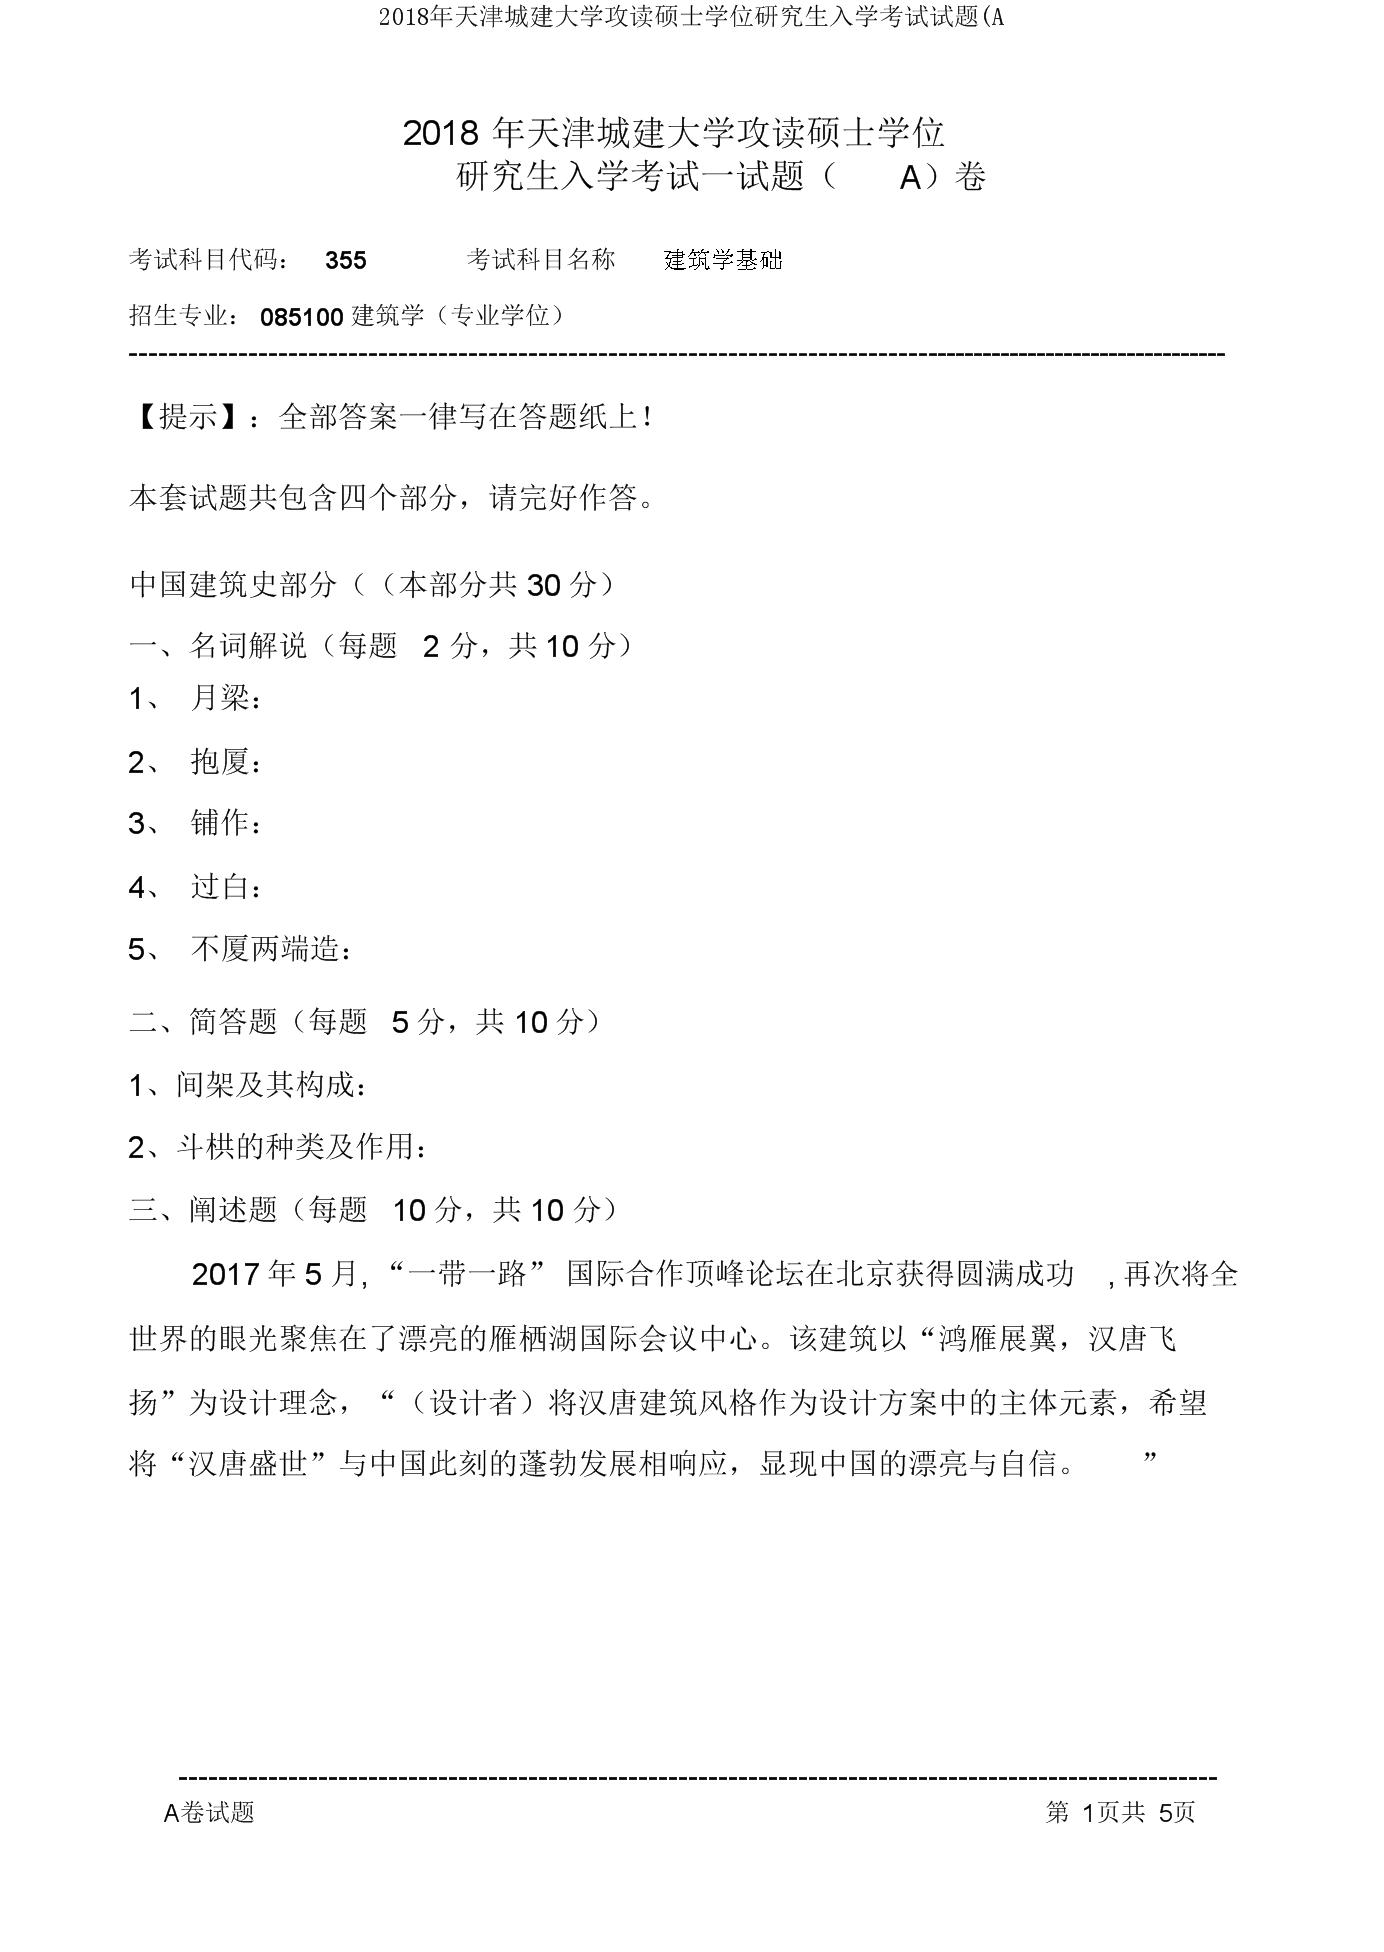 天津城建大学攻读硕士学位研究生入学考试试题(A.doc